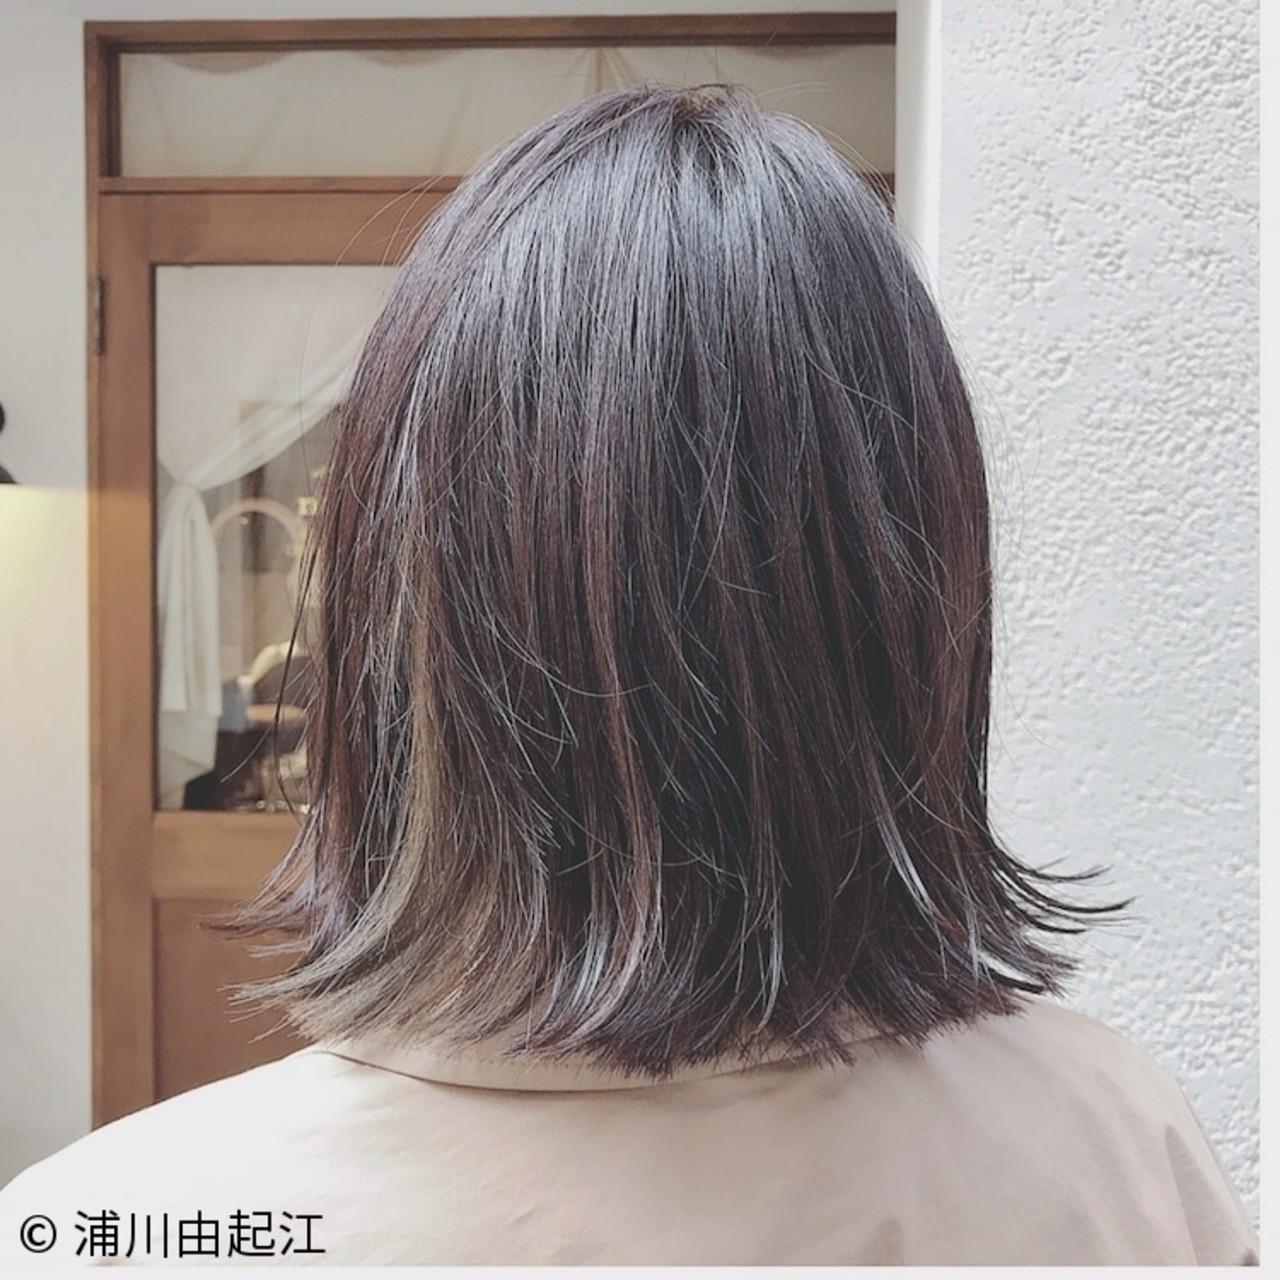 ナチュラル インナーカラー ゆるふわ 大人かわいい ヘアスタイルや髪型の写真・画像